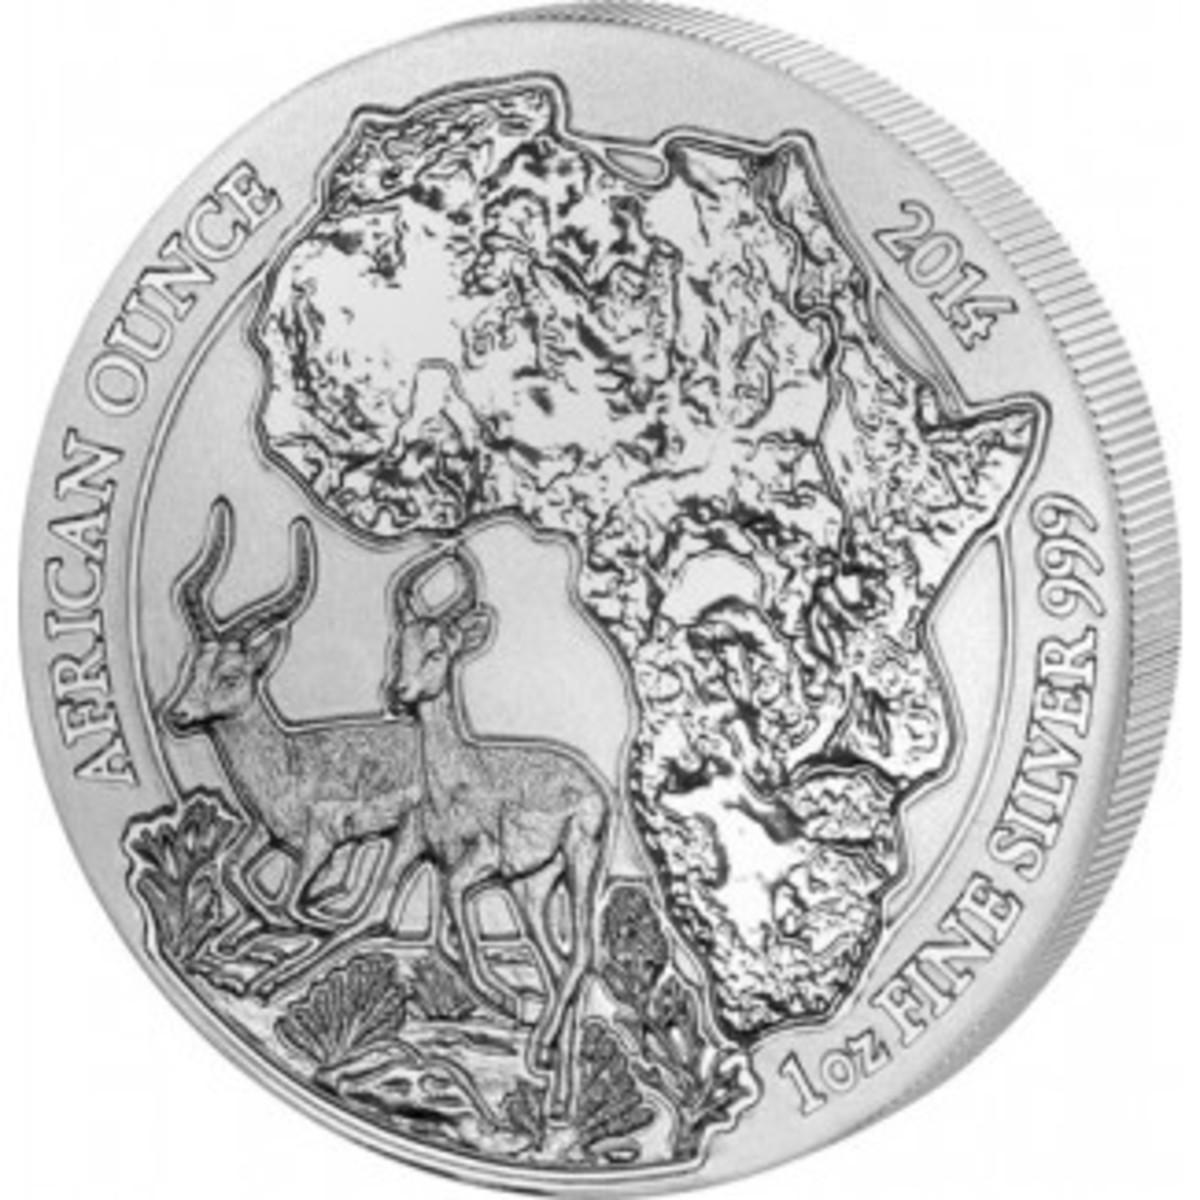 2014 Rwanda Impala Silver Coin